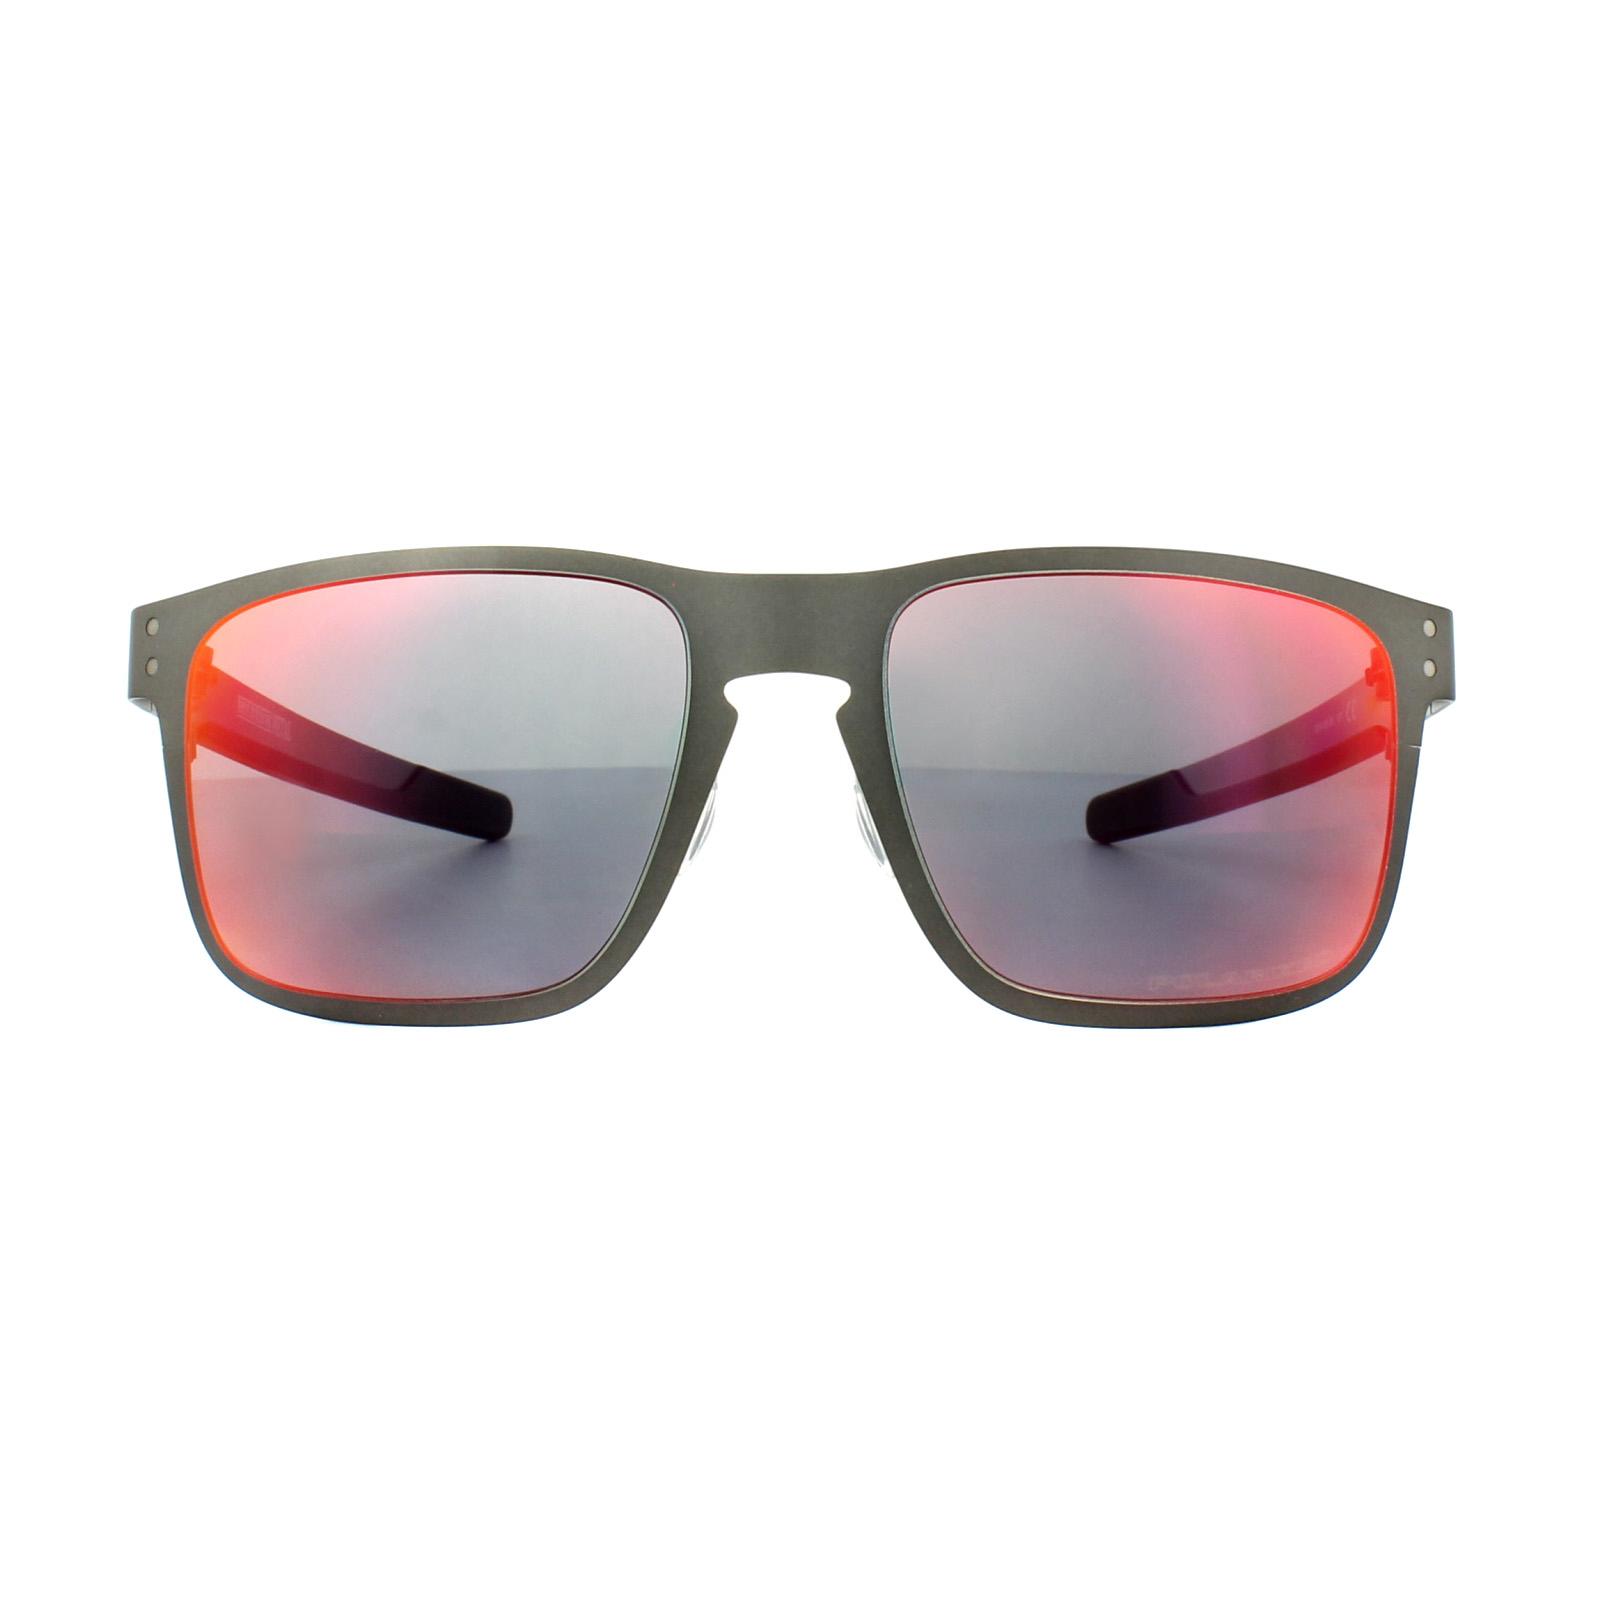 ffff91d54 Sentinel Oakley Sunglasses Holbrook Metal OO4123-05 Matt Gunmetal Torch  Iridium Polarized